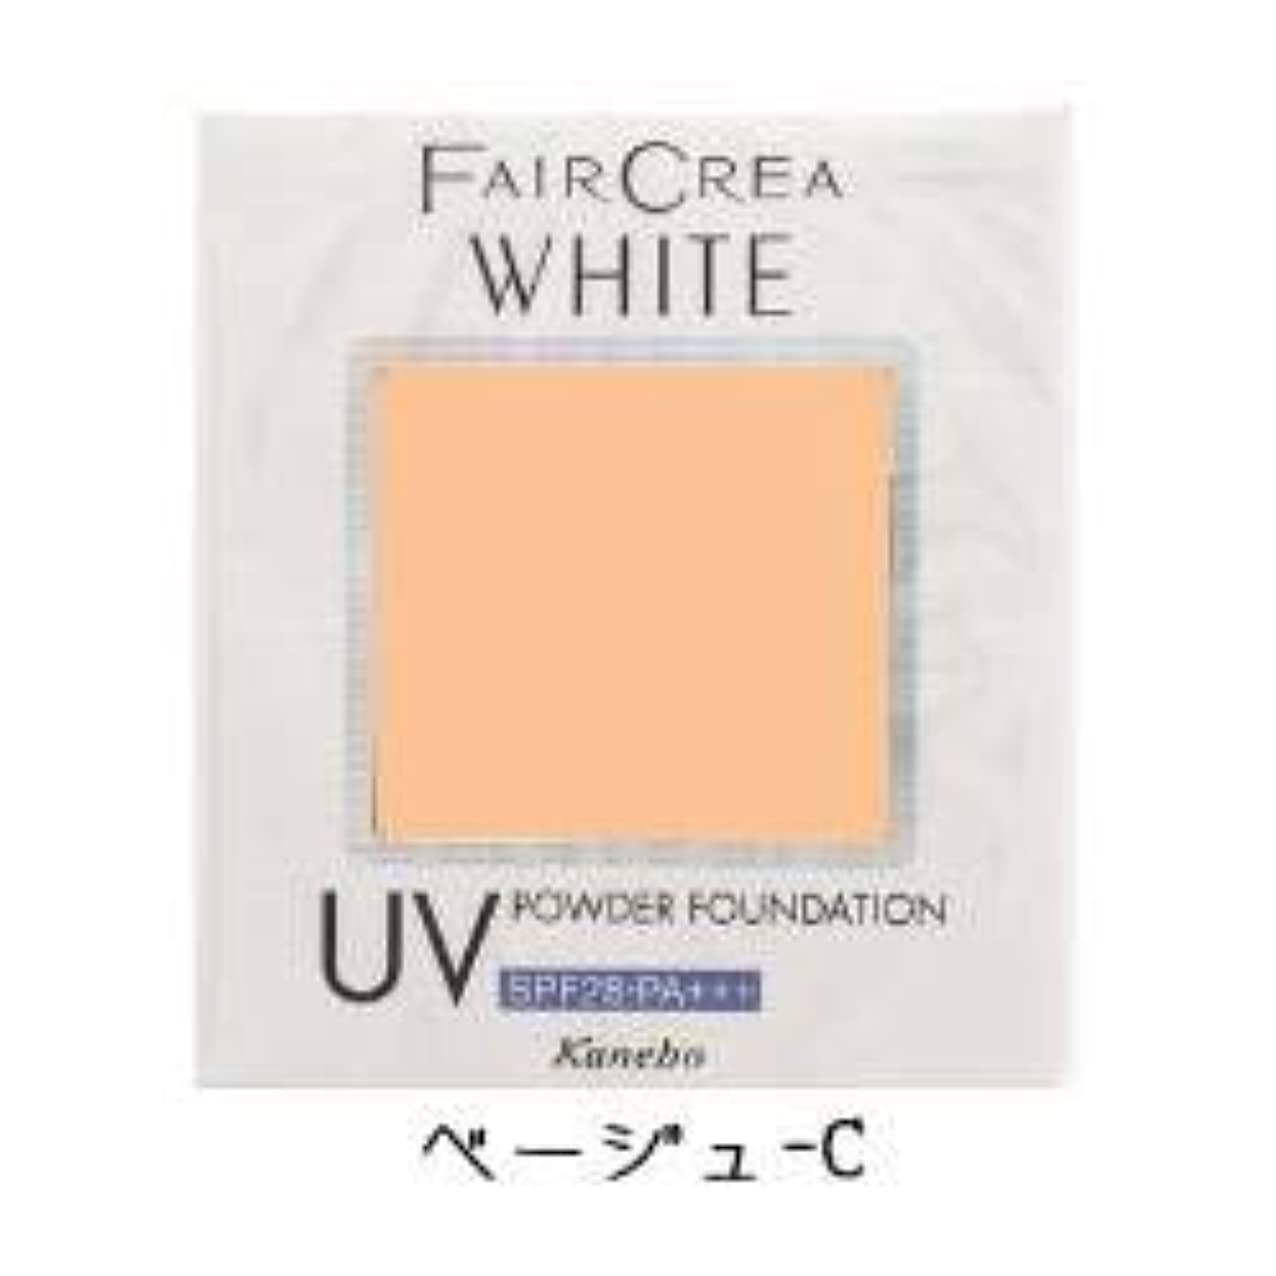 白内障コートまたカネボウ フェアクレア ホワイトUVパウダーファンデーション ベージュ-C(10g)